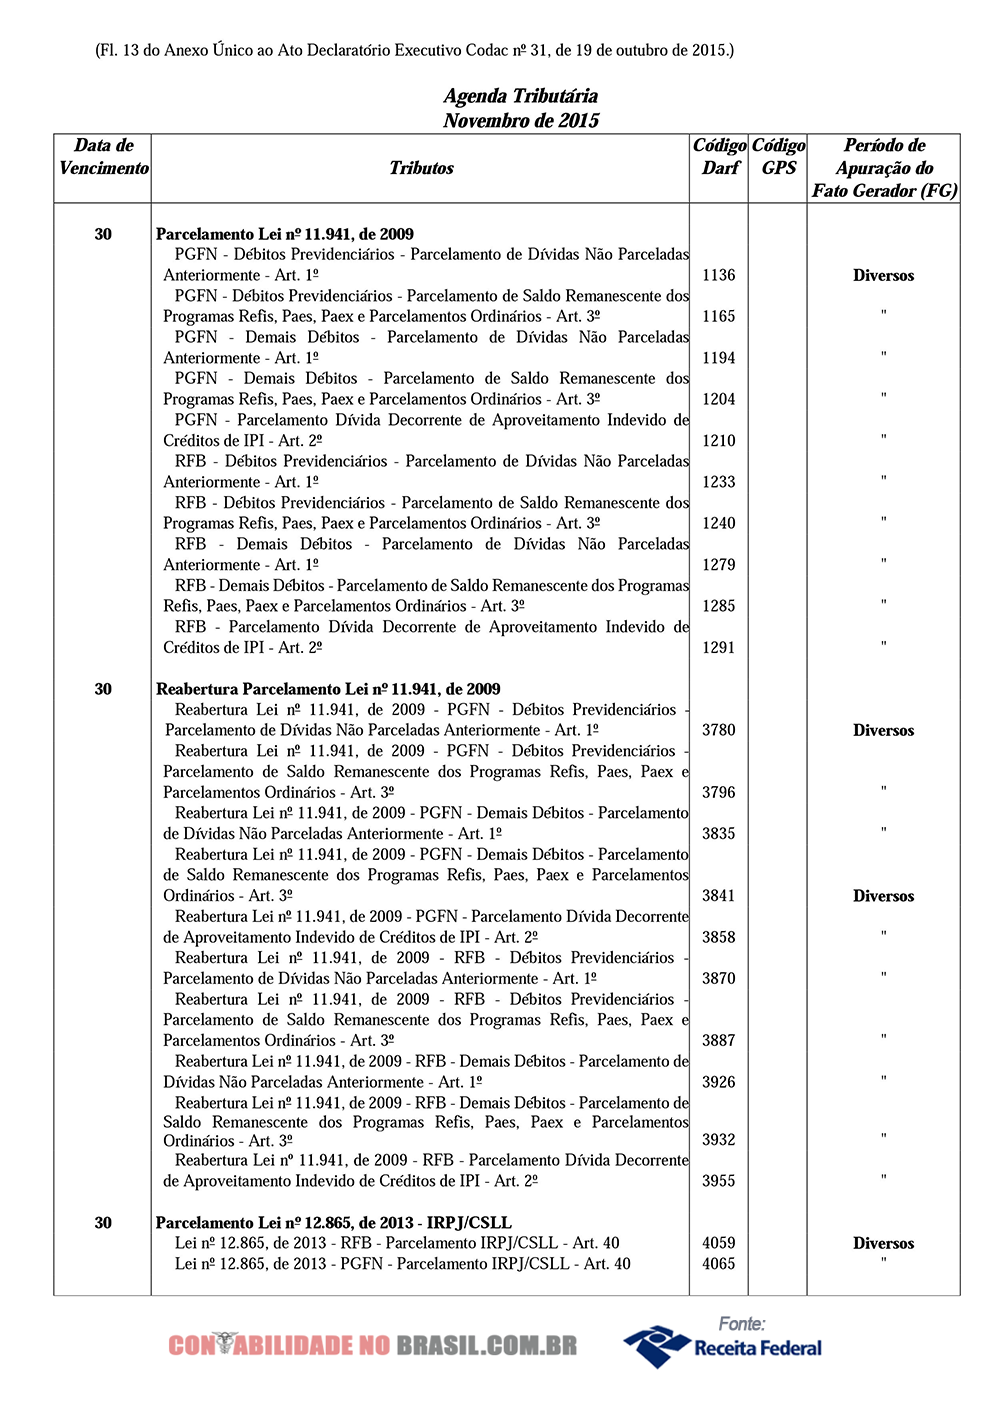 agenda tributaria novembro de 2015 13